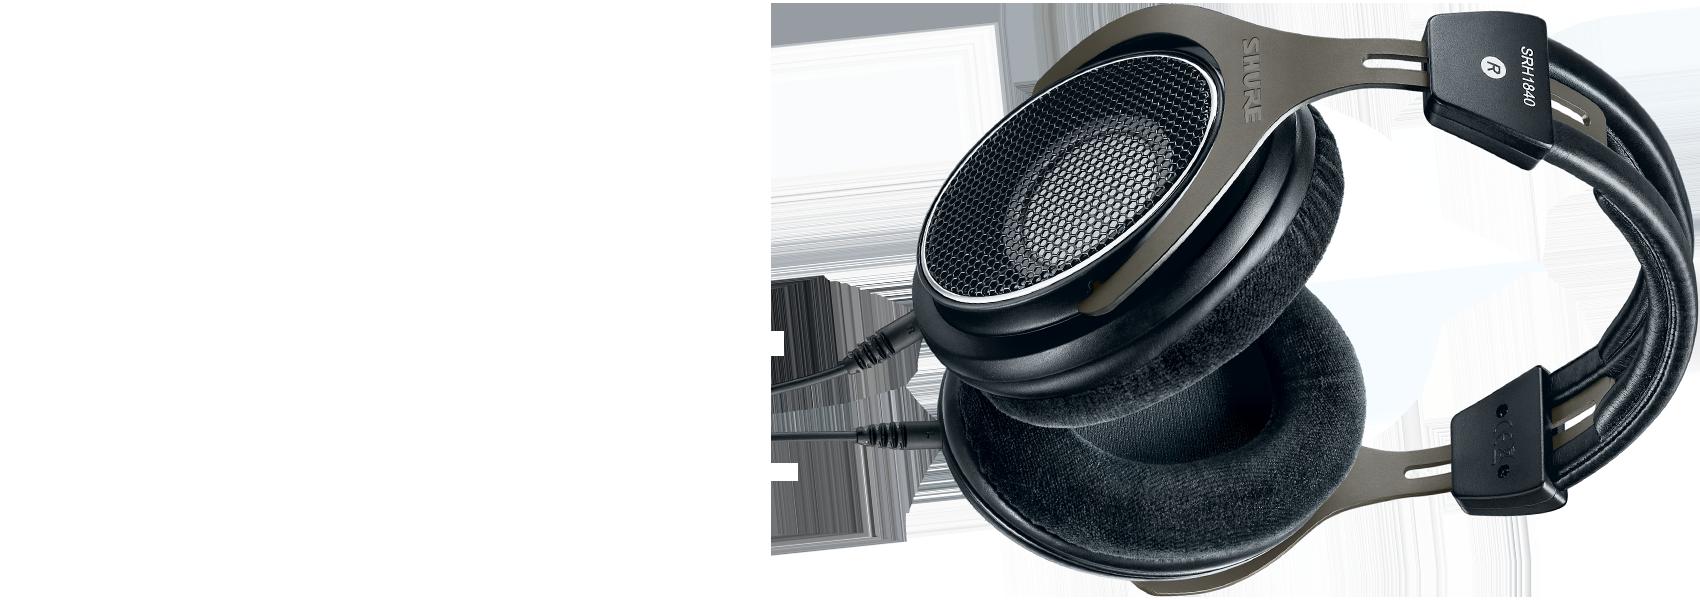 Ilustración Shure SRH1840 Auriculares profesionales de diseño abierto